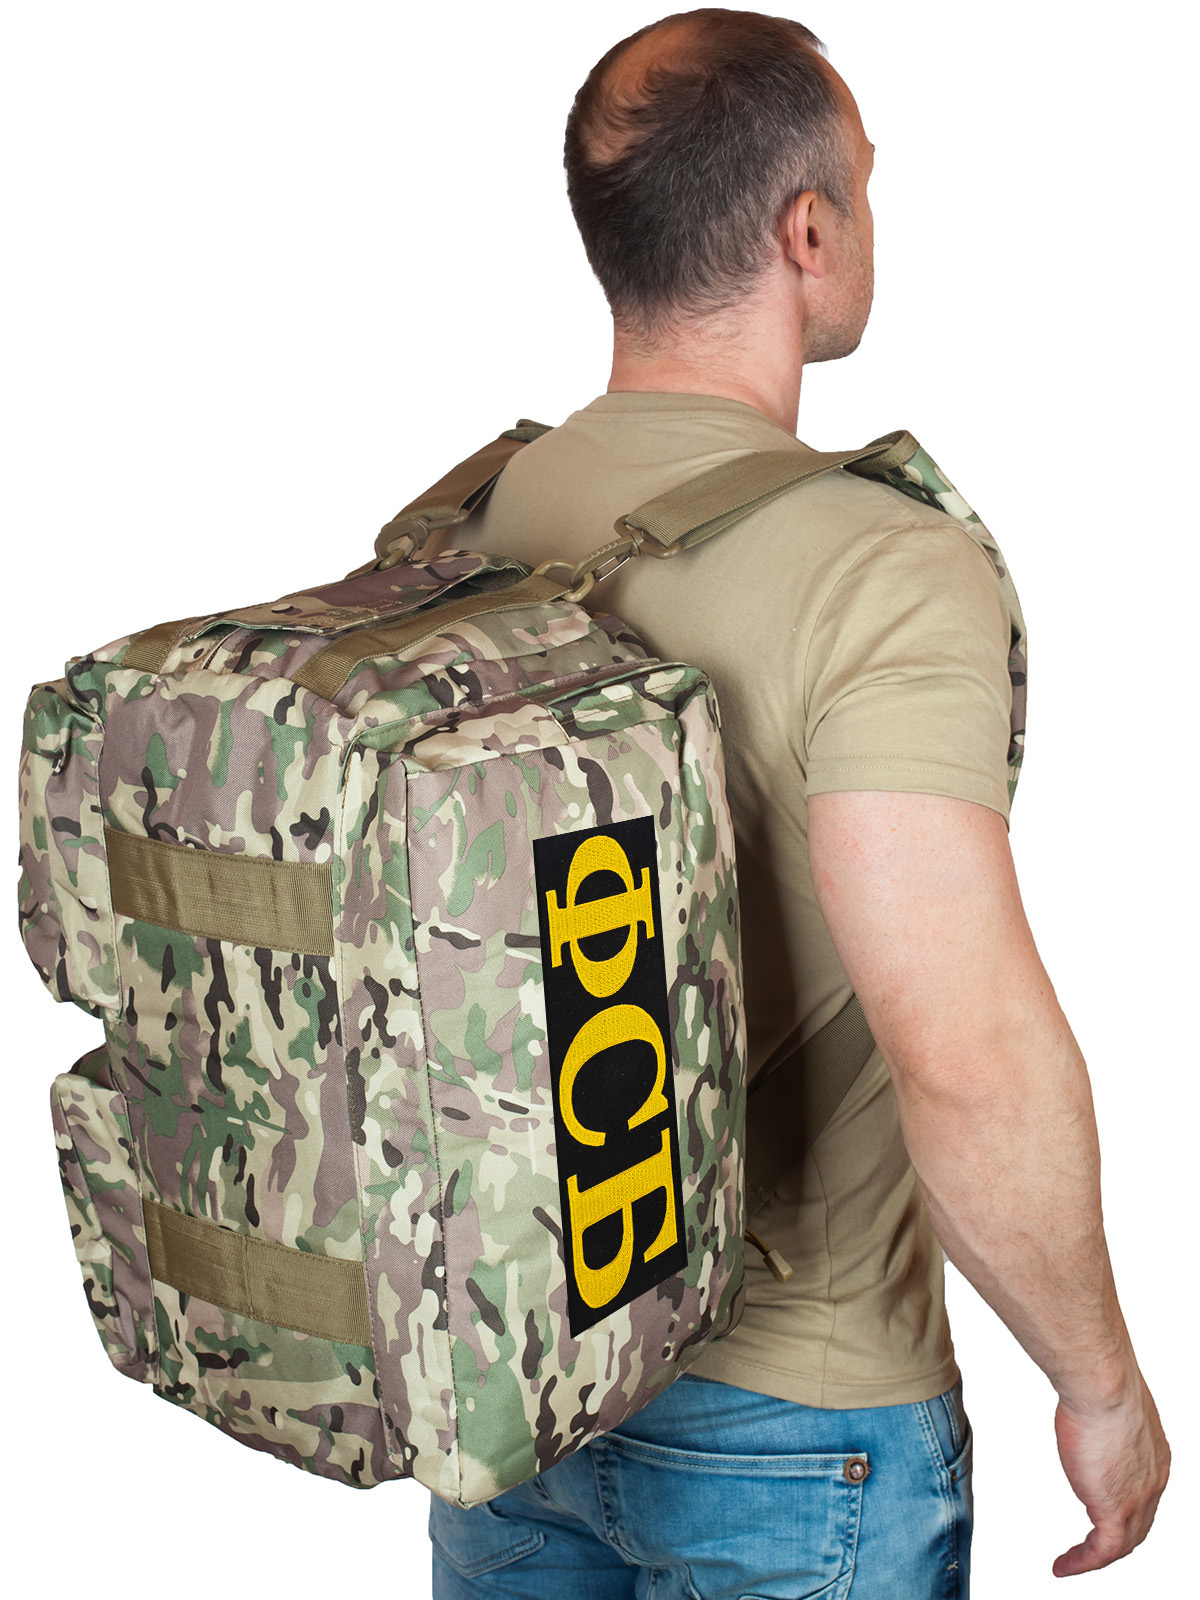 Купить армейскую камуфляжную сумку-рюкзак ФСБ по выгодной цене